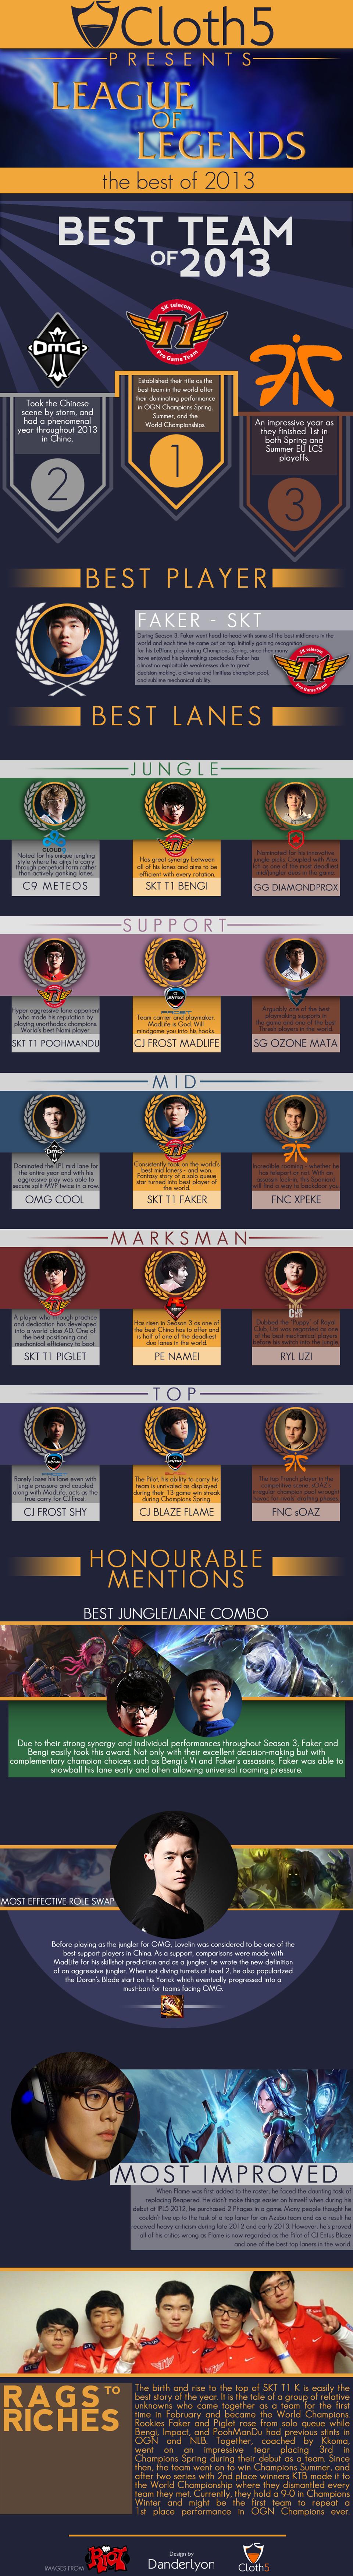 Những cái nhất của Liên Minh Huyền Thoại năm 2013 - Ảnh 2